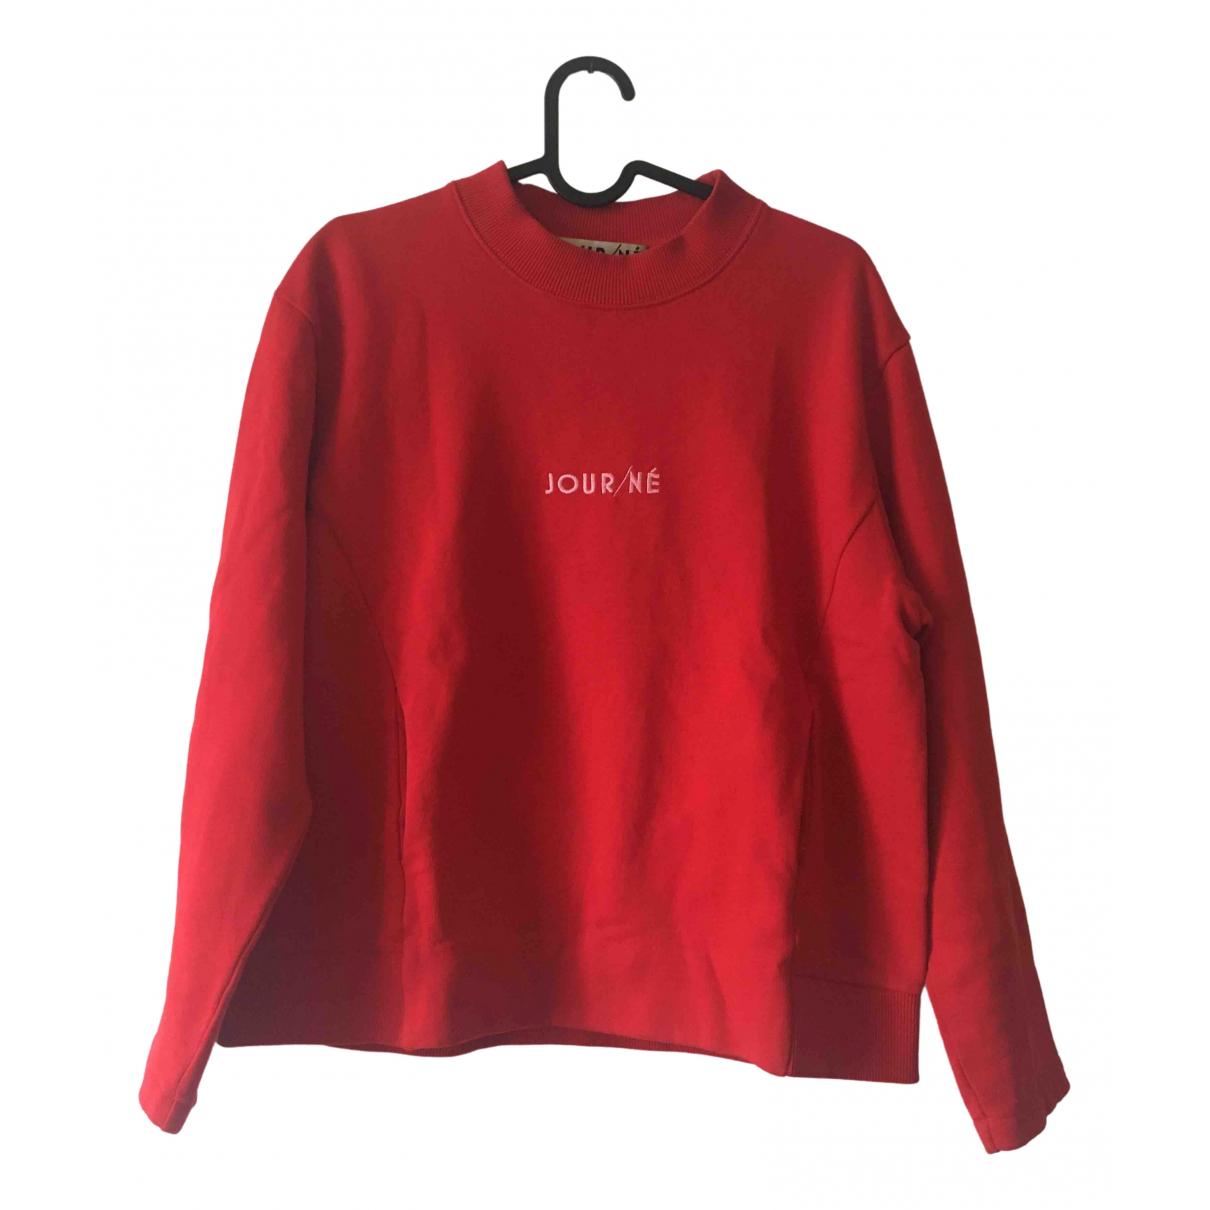 Jour/ne - Pull   pour femme en coton - rouge